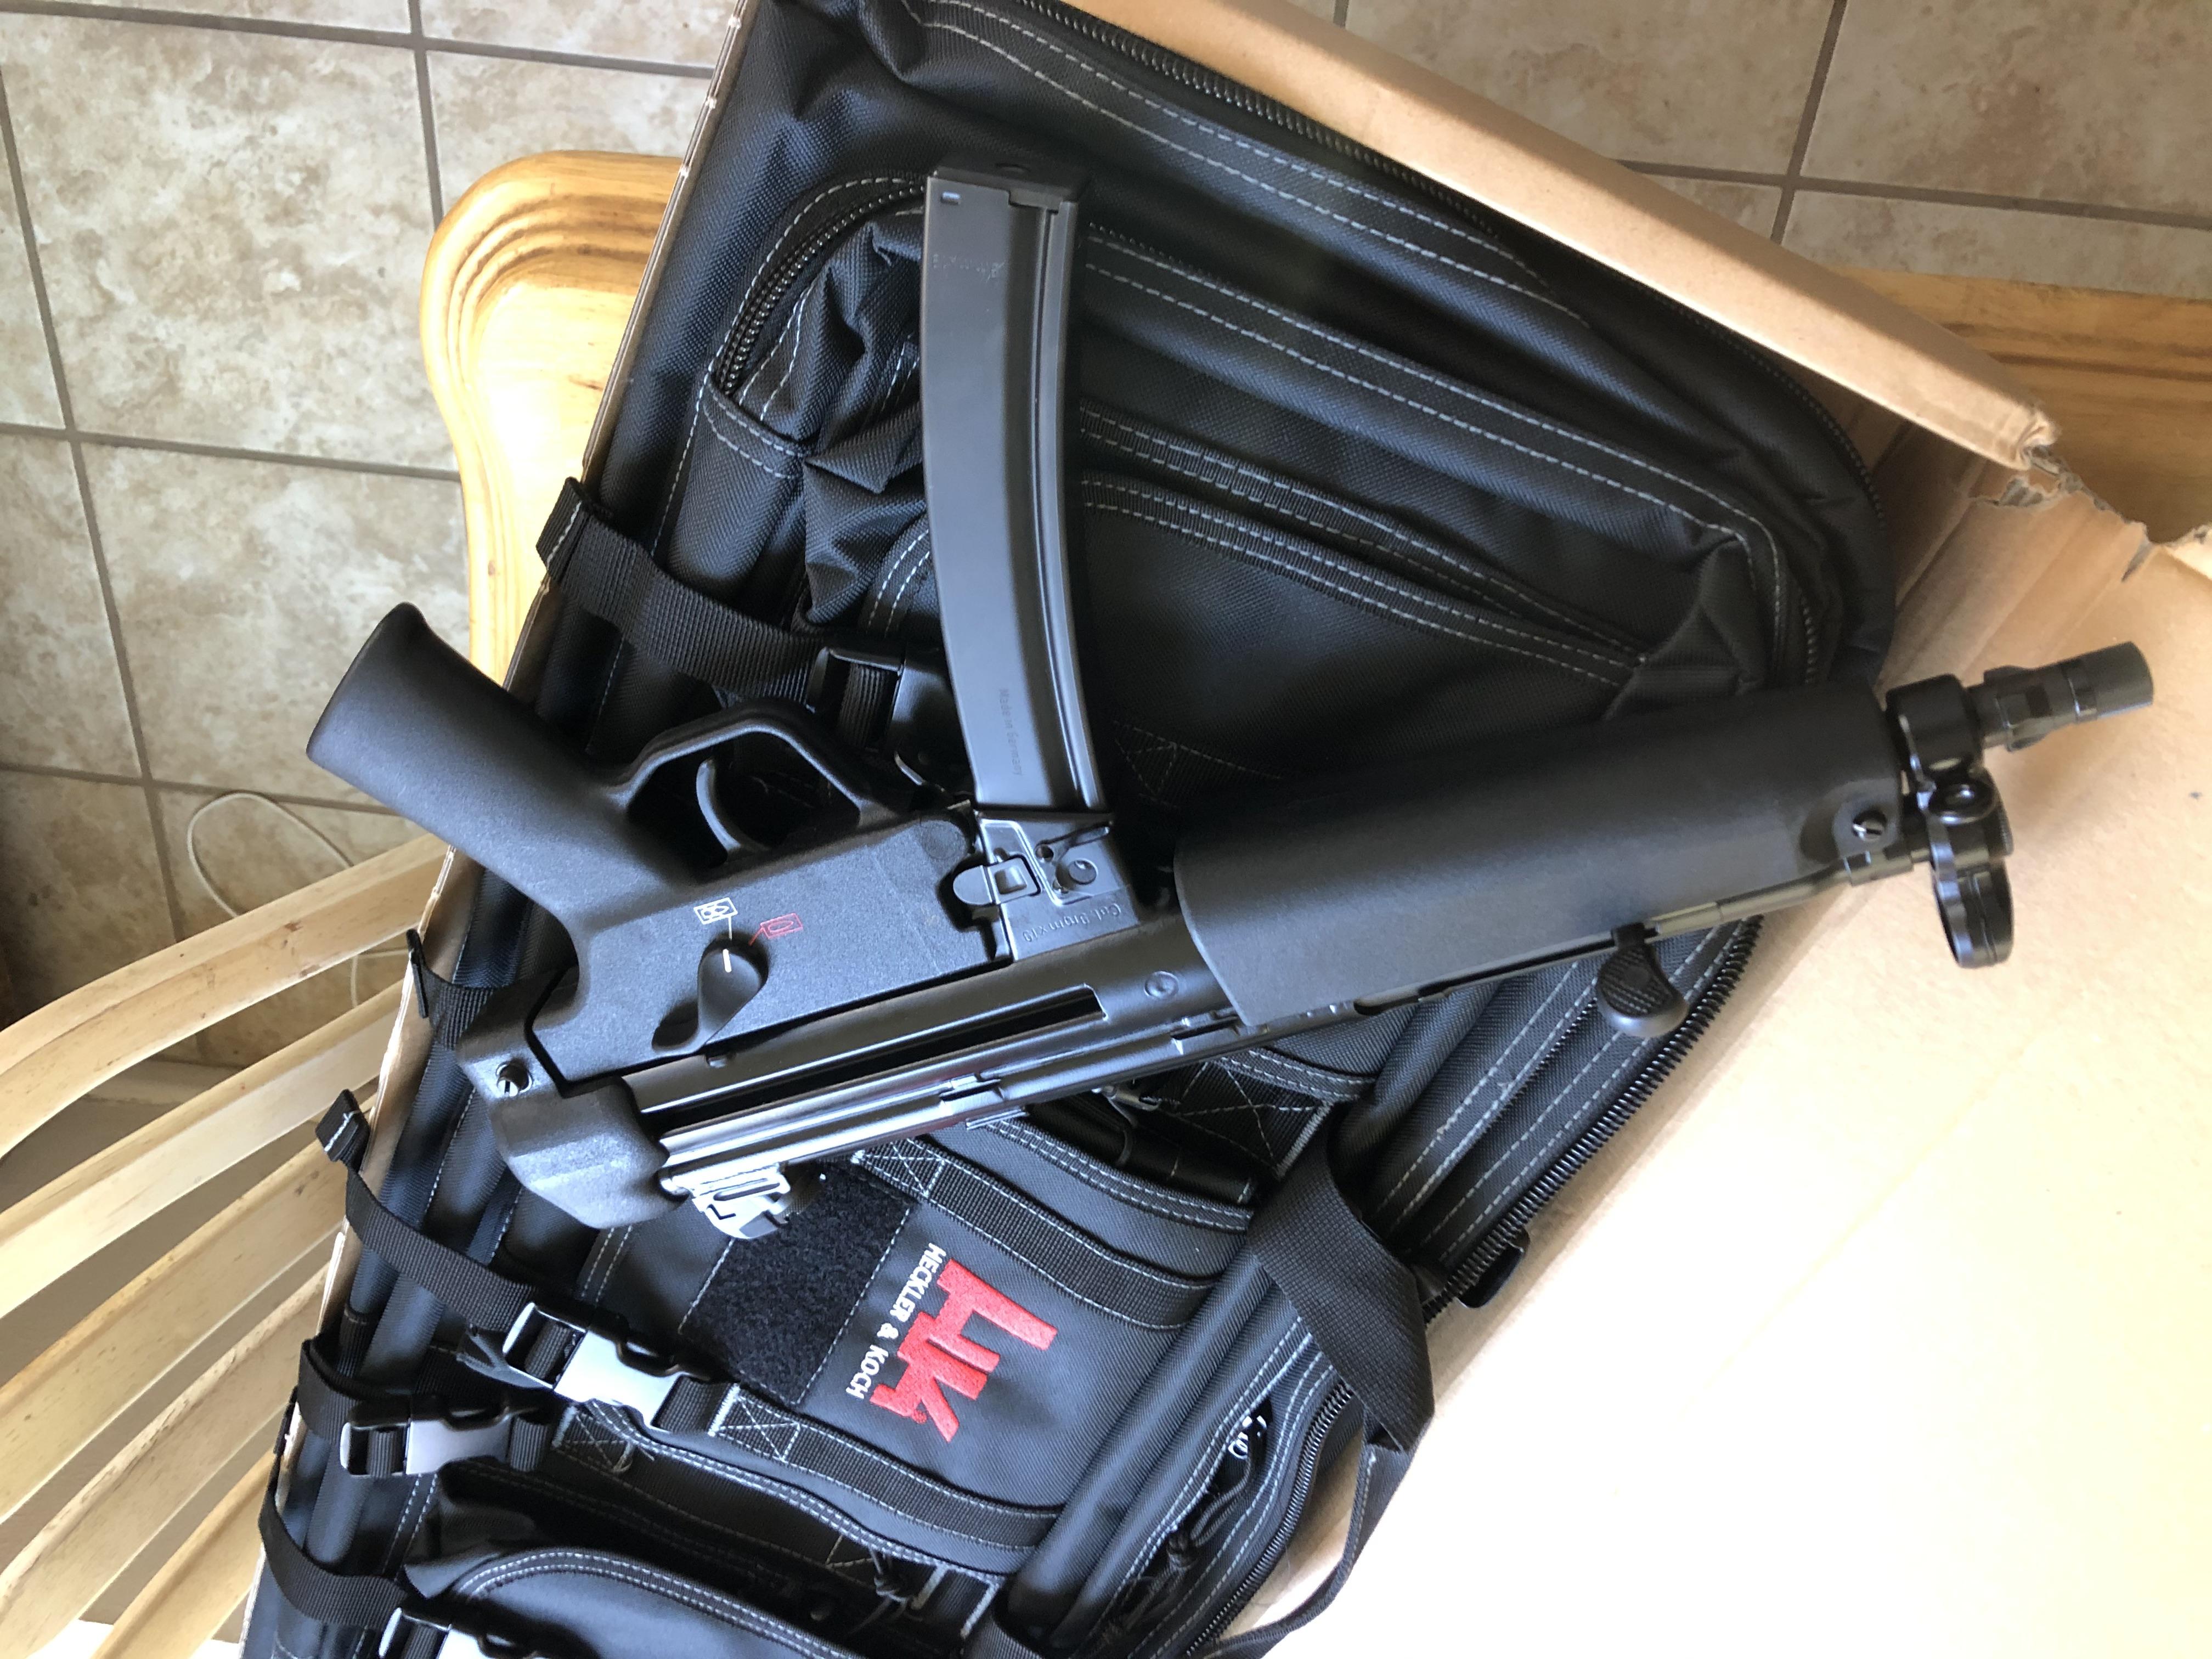 HK SP5 Bag question, which one to choose?-041f31e3-e3b1-474e-9c71-7949d8913fec.jpeg